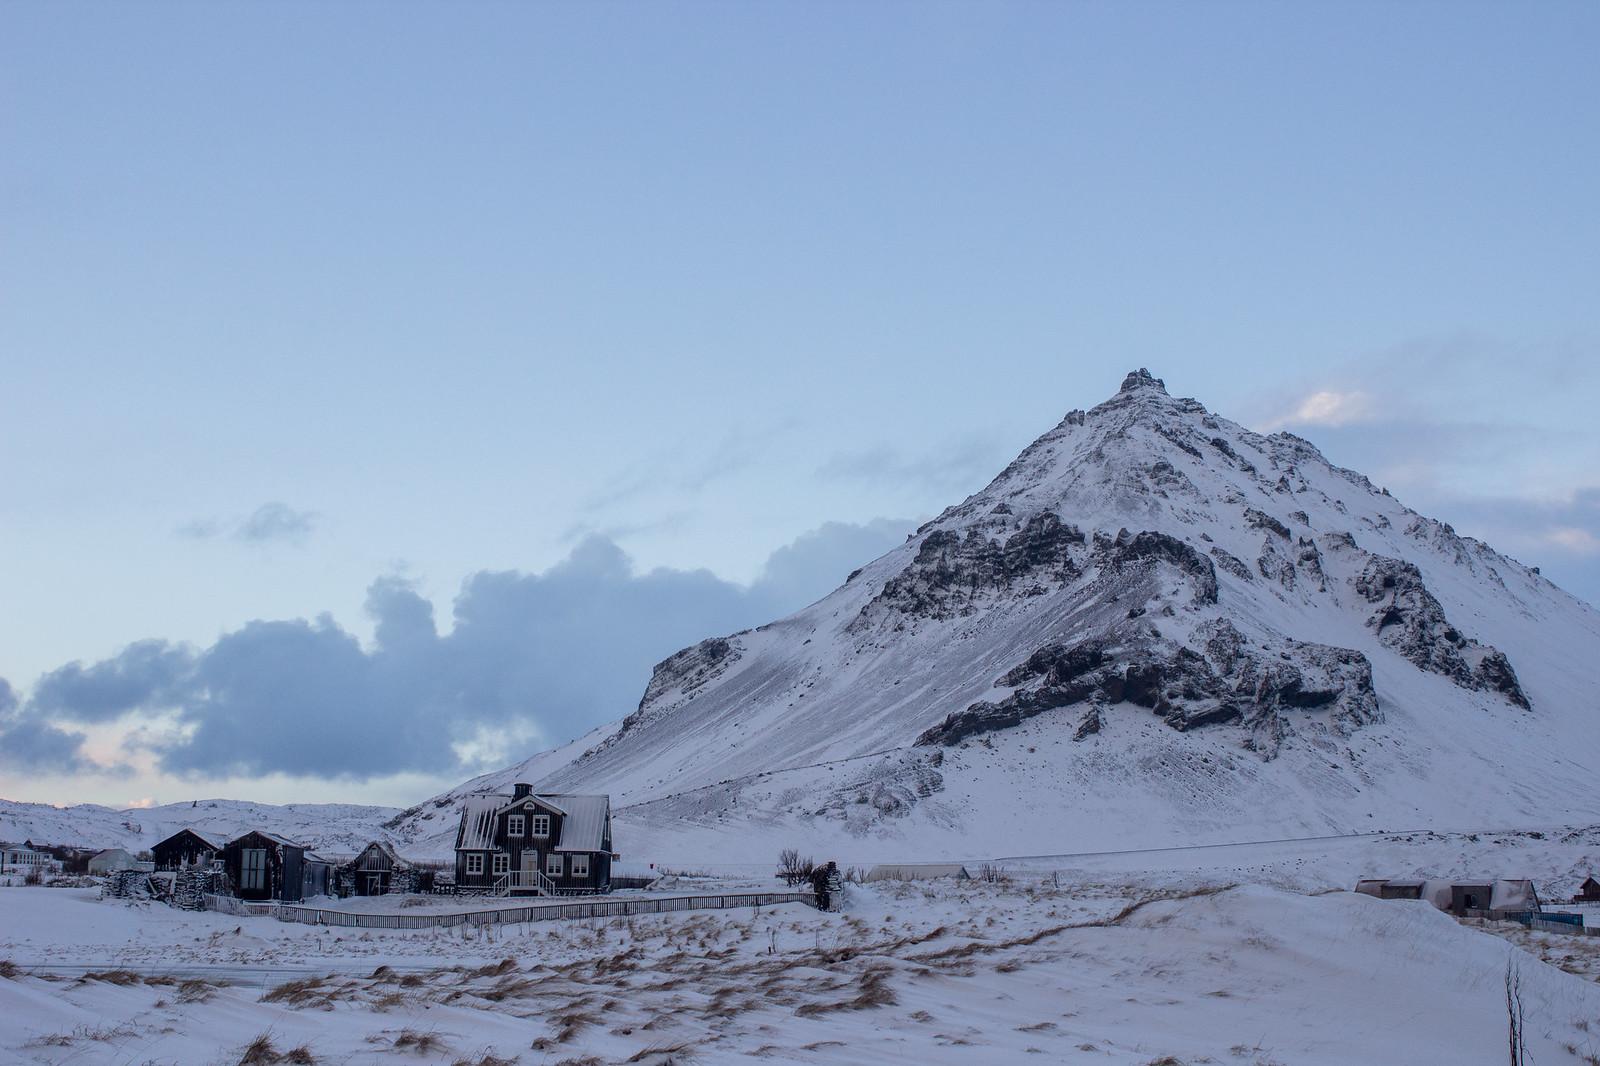 Snaefellsjokull in Iceland's Snaefellsnes Peninsula during December